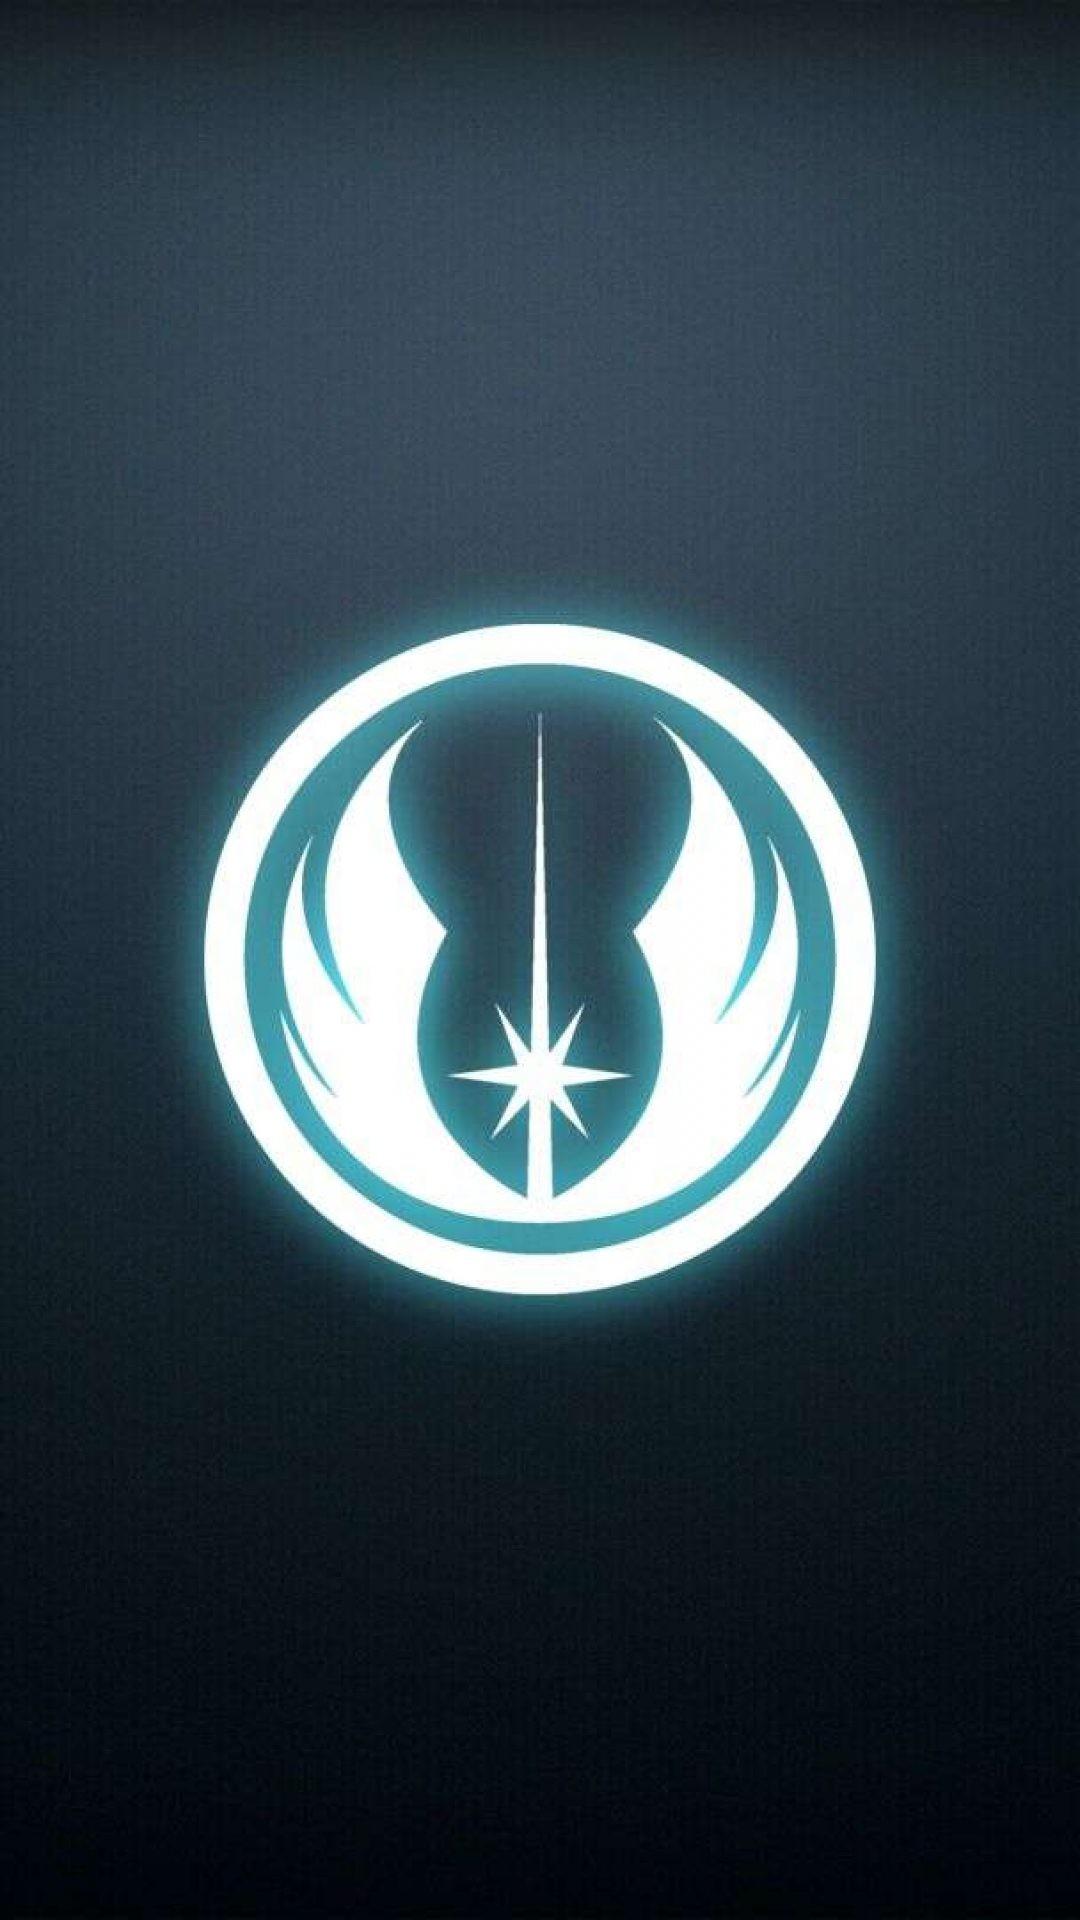 Star Wars Jedi Symbol Wallpaper Data Src Star Wars Phone Wallpaper Jedi 1080x1920 Wallpaper Teahub Io